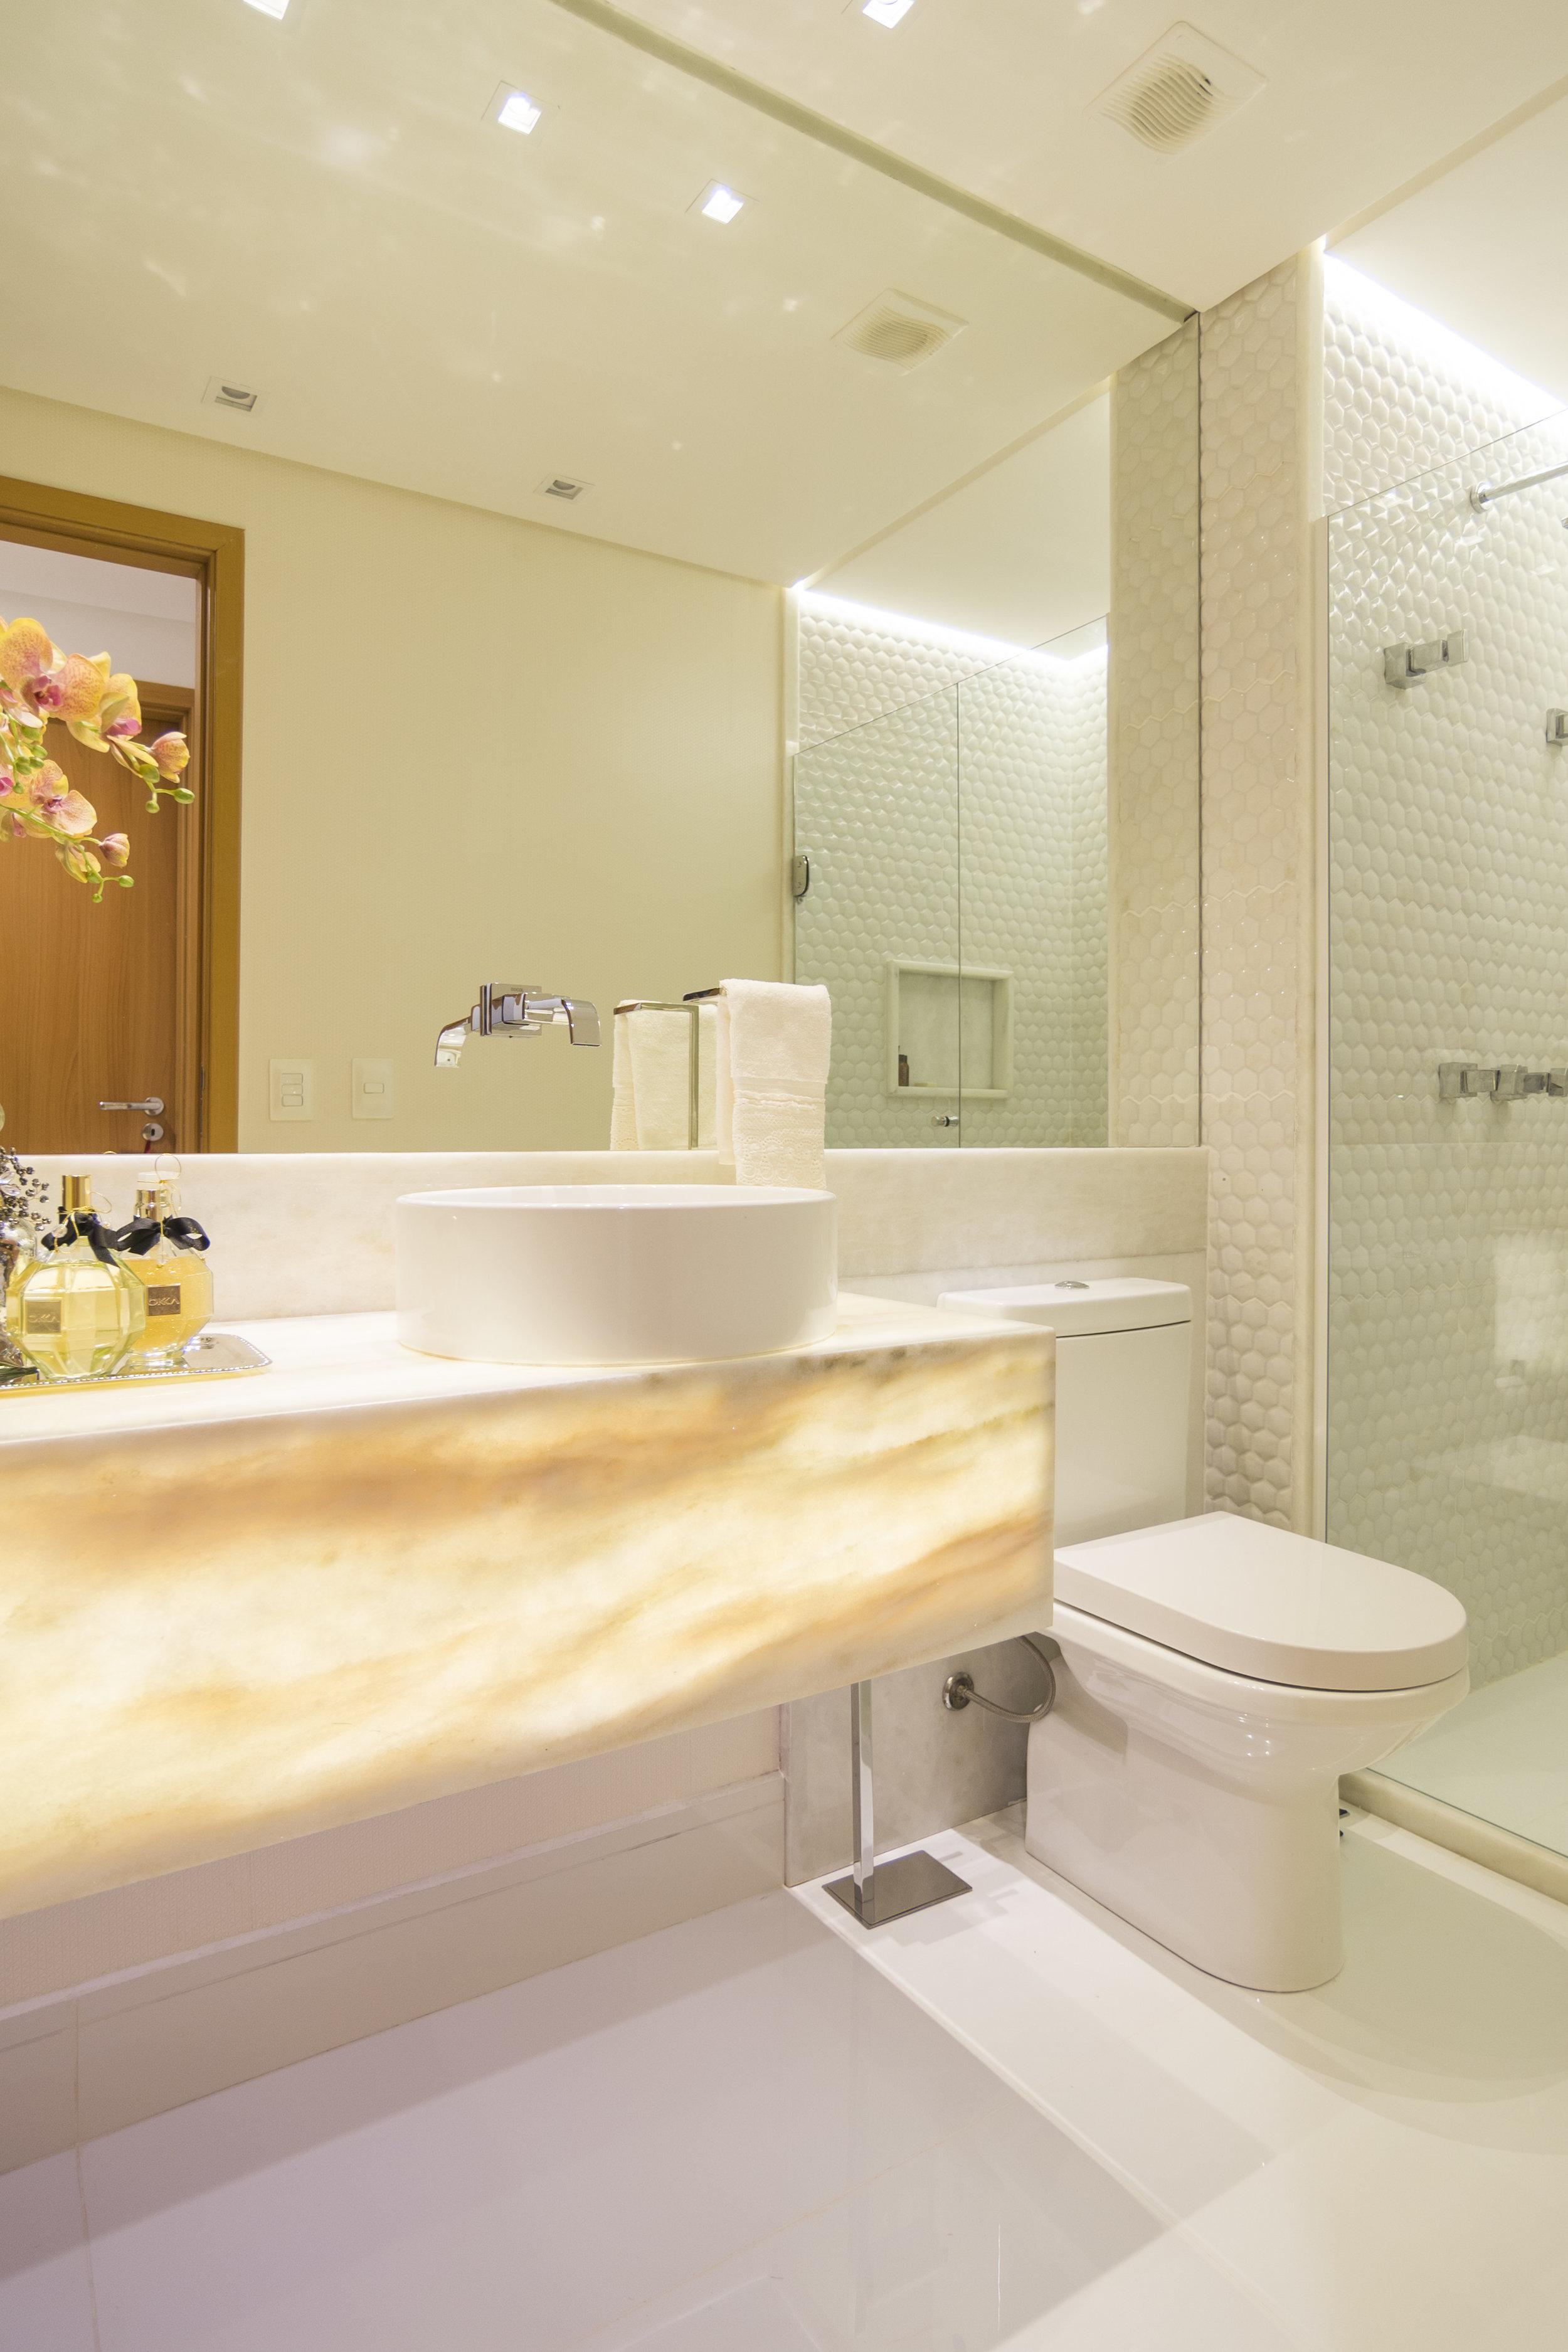 projeto-arquitetonico-robertoindira-duo-arquitetura-apartamentos-03.jpg